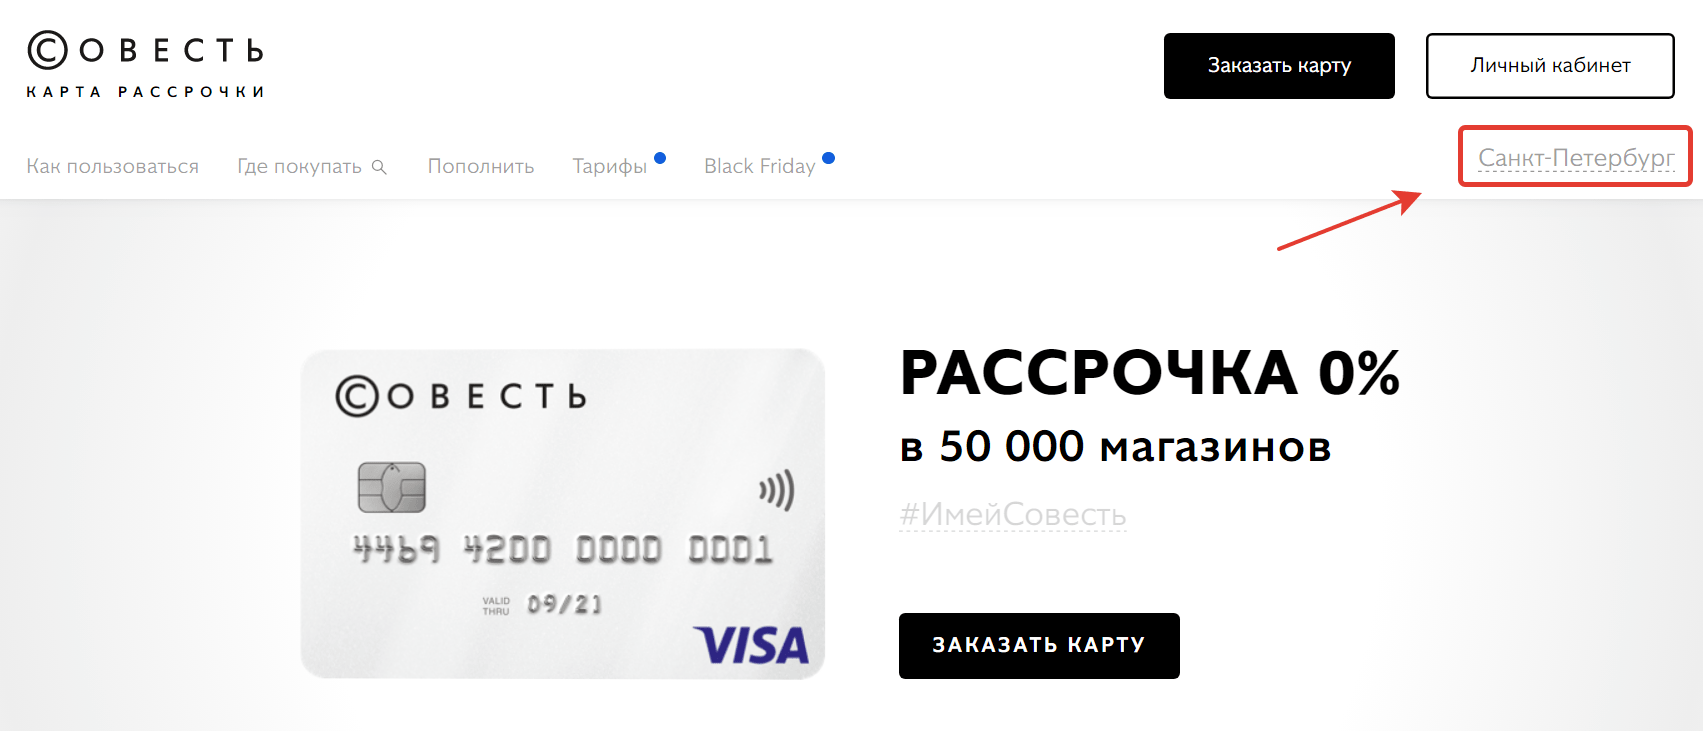 Изображение - Партнеры карты совесть где можно покупать в рассрочку Kak-najti-partrerov-karty-Sovest-min